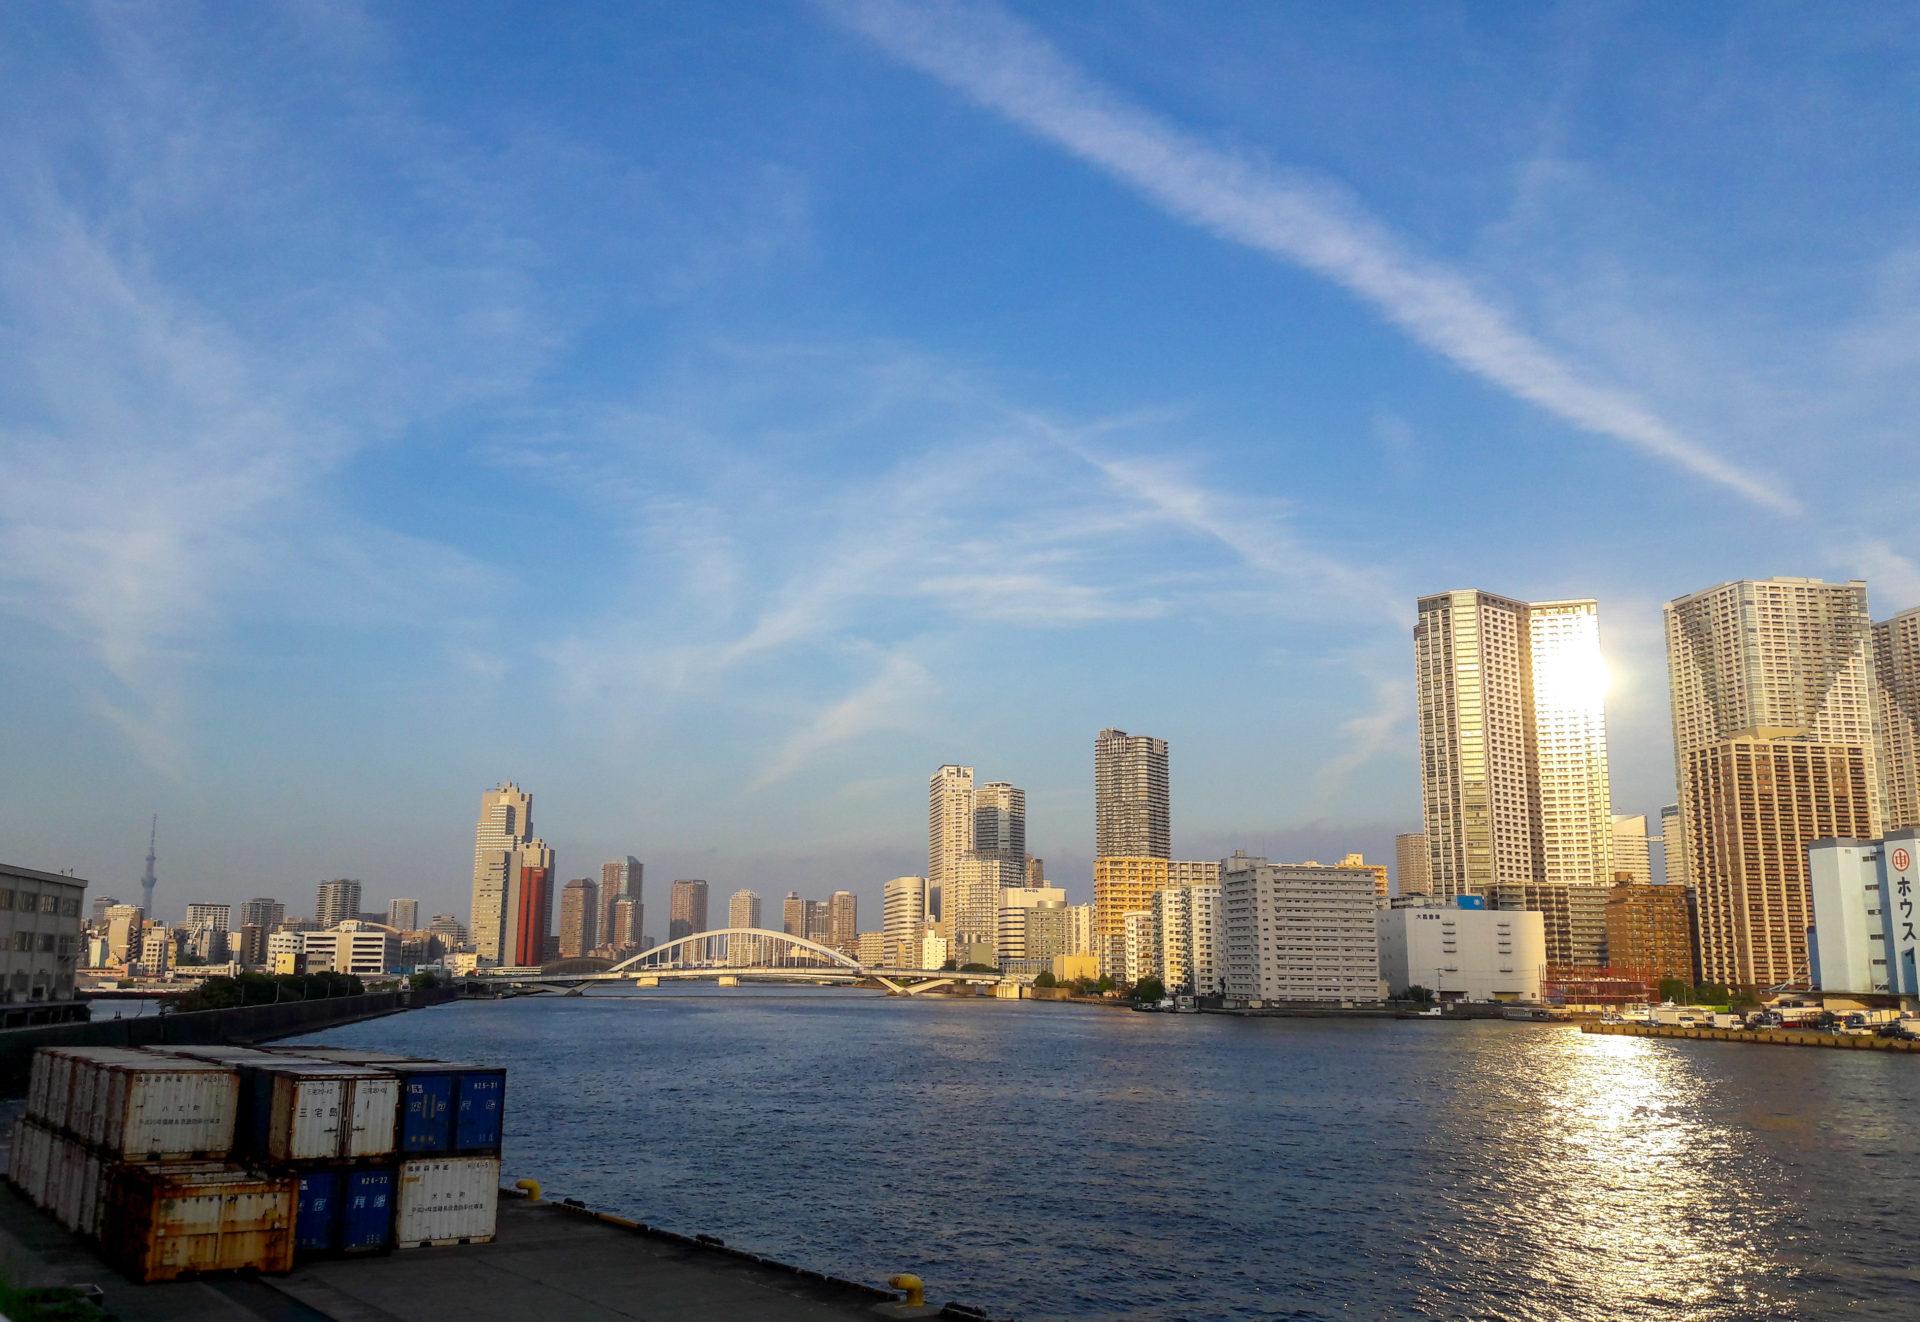 Coucher de soleil sur le fleuve Sumeda - Escale à Tokyo: 24h dans la capitale du Japon - Tokyo en 24h - Récit et itinéraire pour visiter Tokyo en une journée